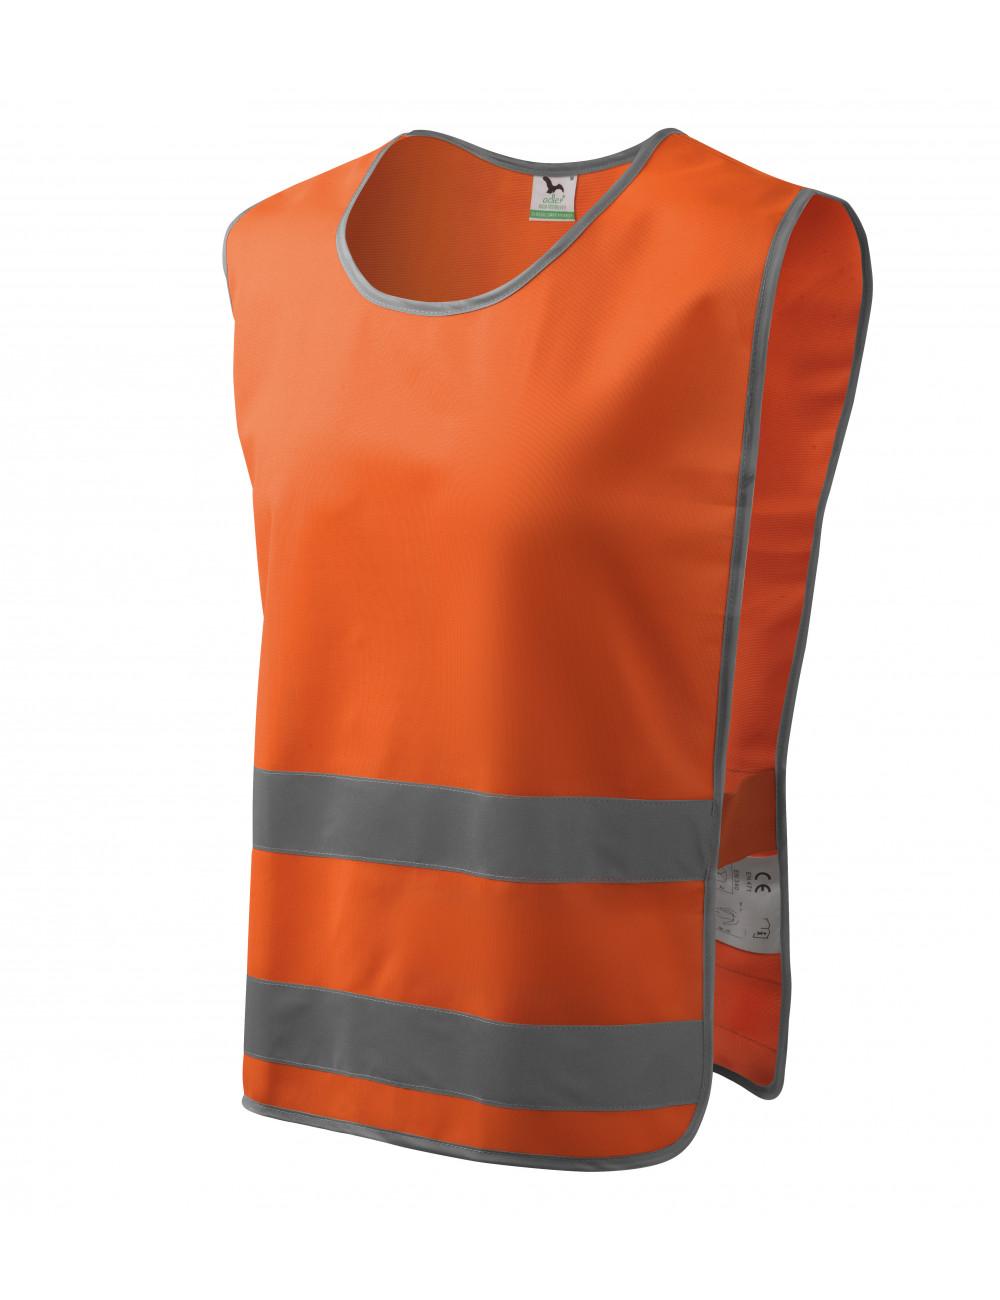 Adler RIMECK Kamizelka odblaskowa unisex Classic Safety Vest 910 odblaskowo pomarańczowy